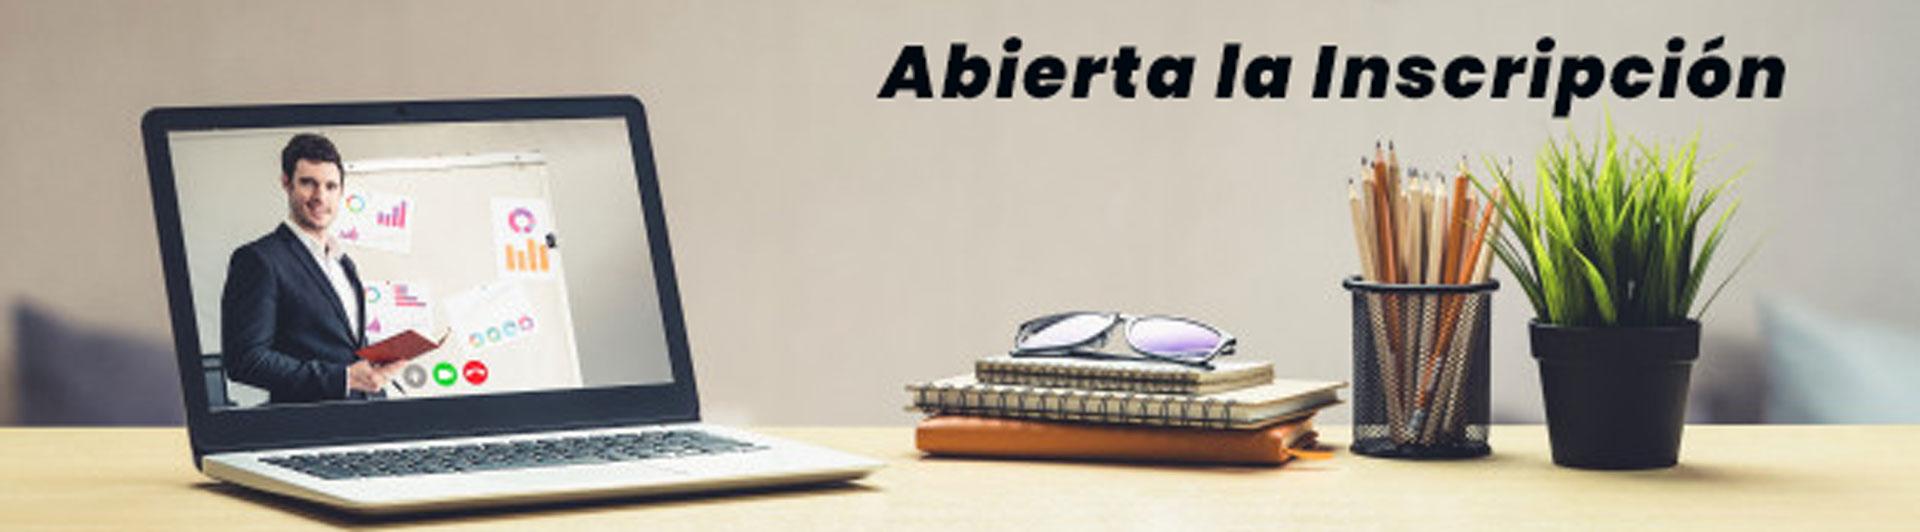 ABIERTA-LA-INSC